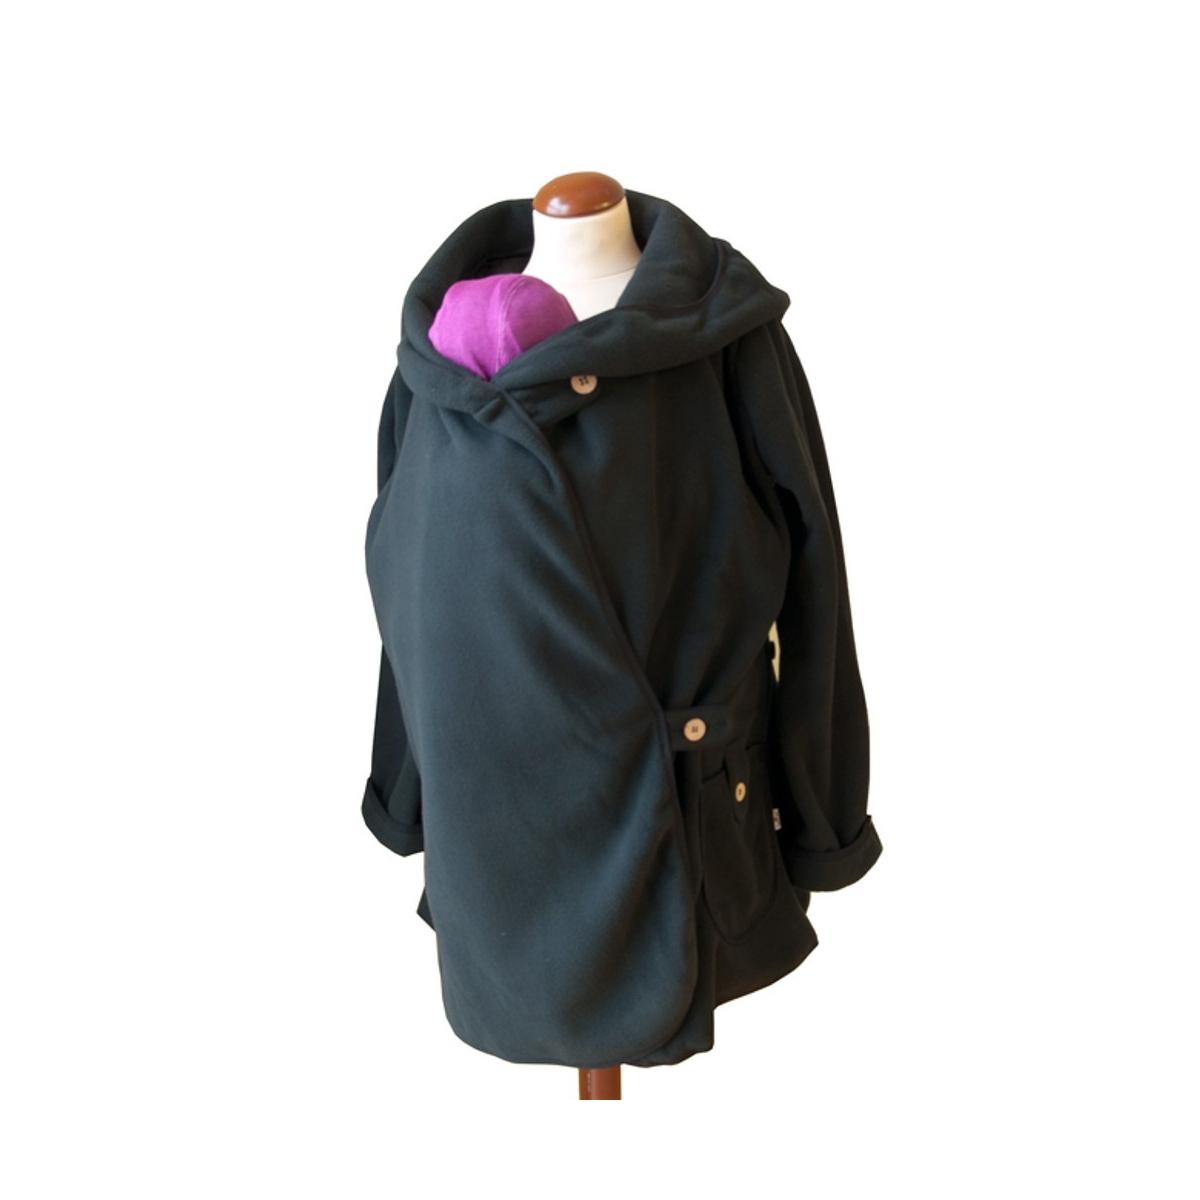 Manteau de maternité - Black solid - taille unique - SeBio 16753587284